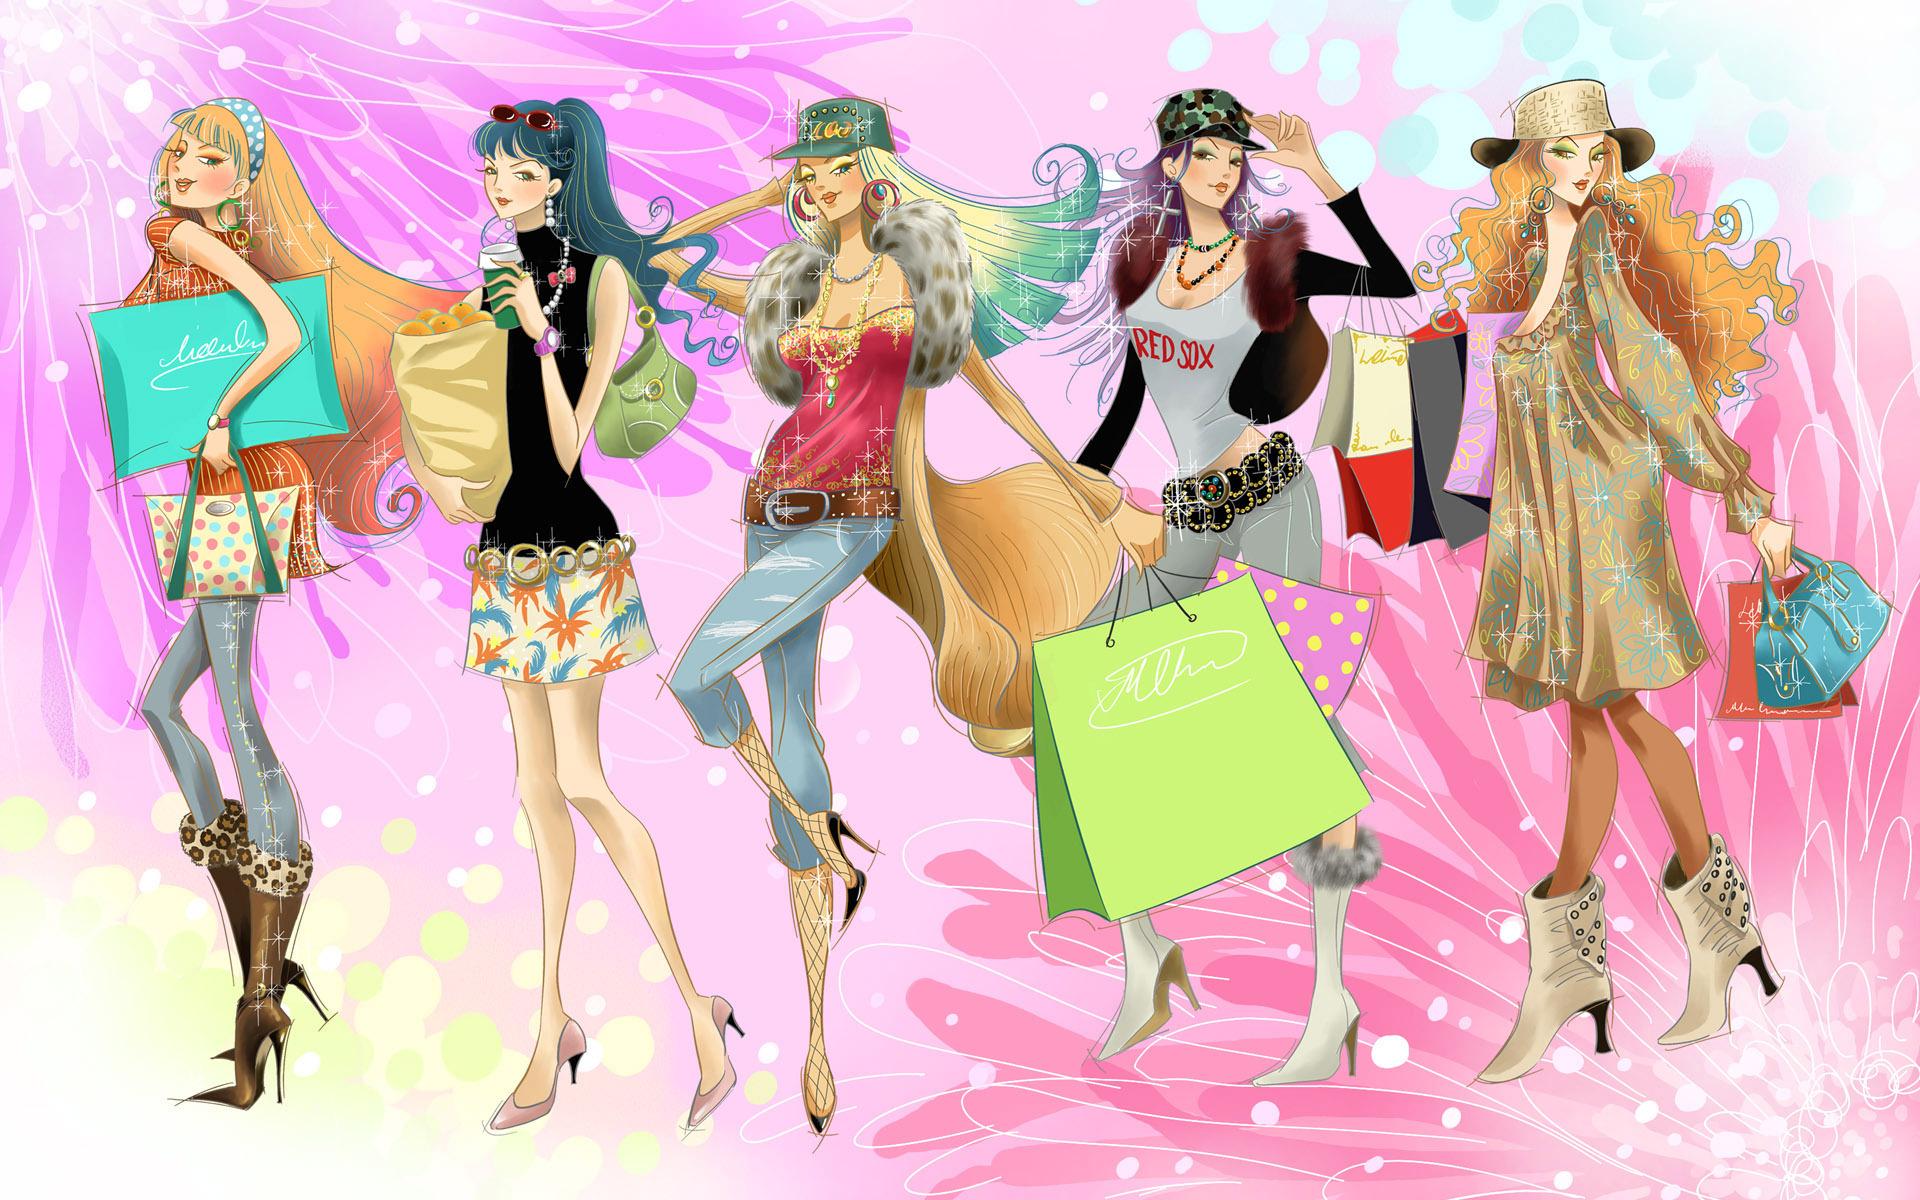 наше картинки на аватарку интернет магазина одежды с названием модный прибыло